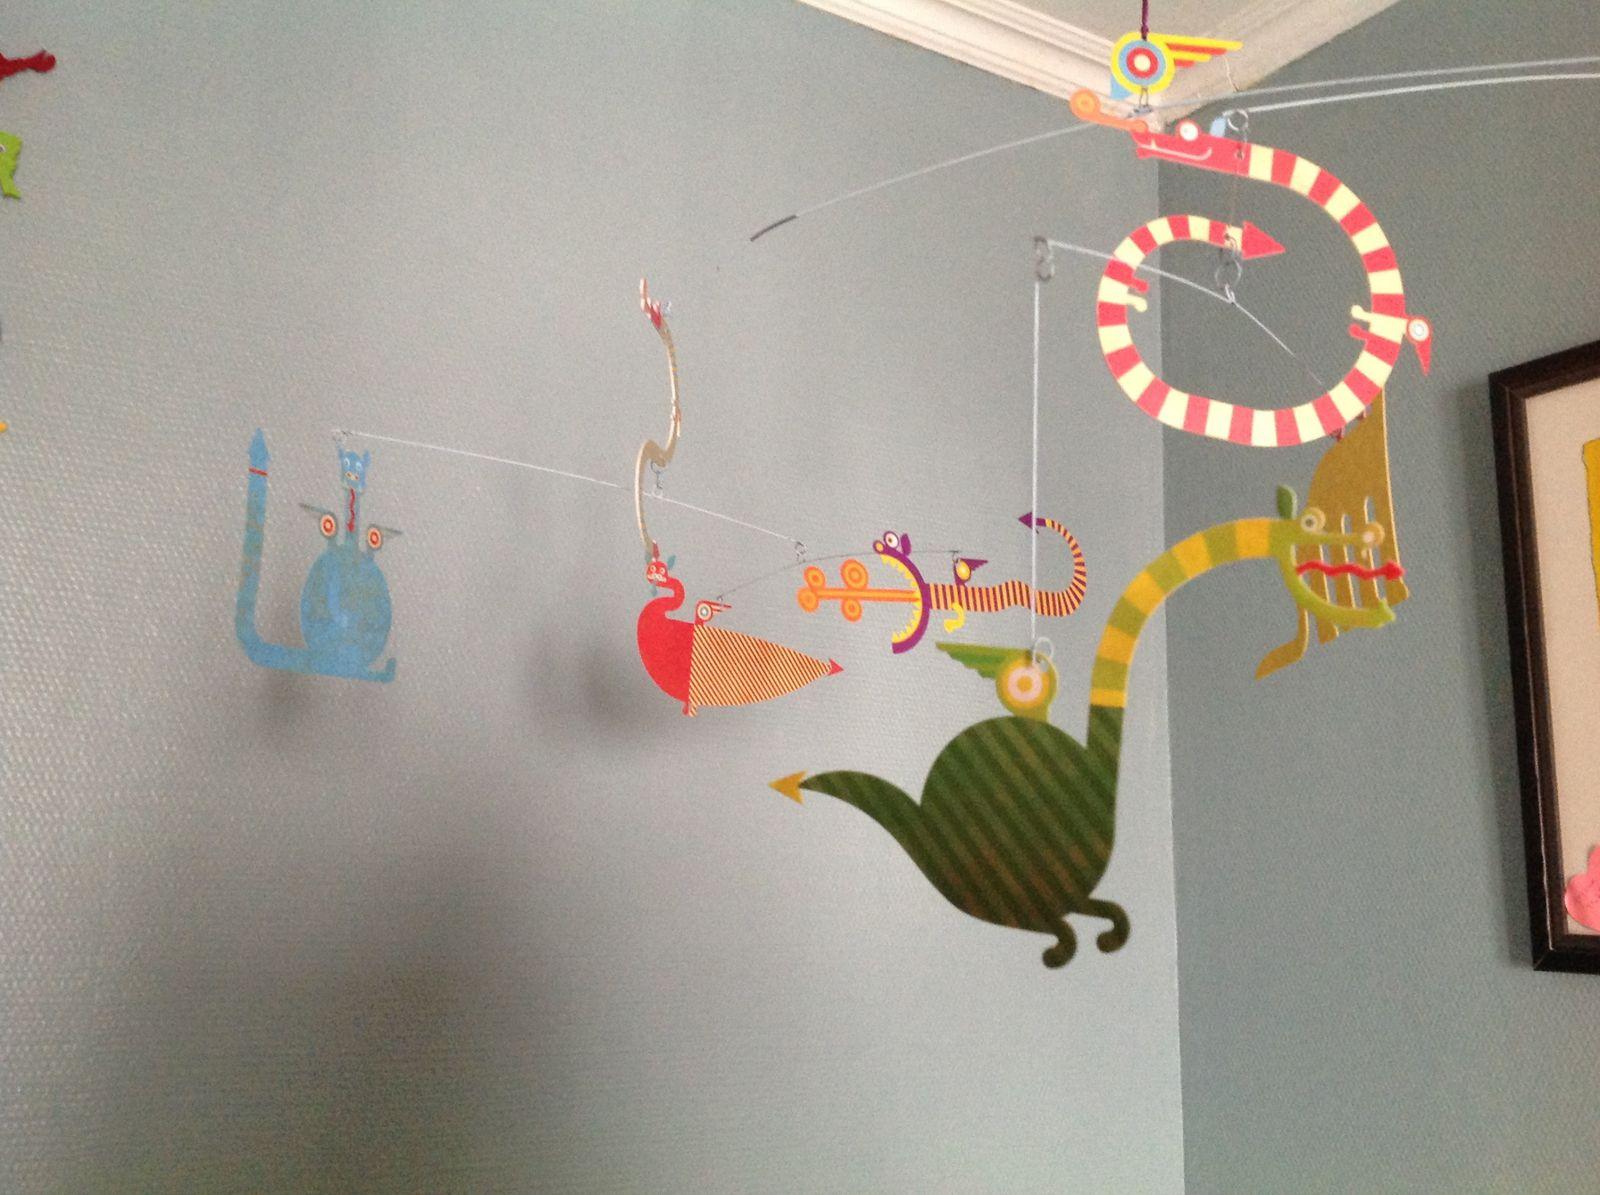 """Un chouette bouquin avec cd, un puzzle neuf, un jouet à trainer vintage (rebaptisé """"le jouet crapi"""" par Paul qui ne comprend pas vraiment le concept) et un mobile dragons (encore un!)"""